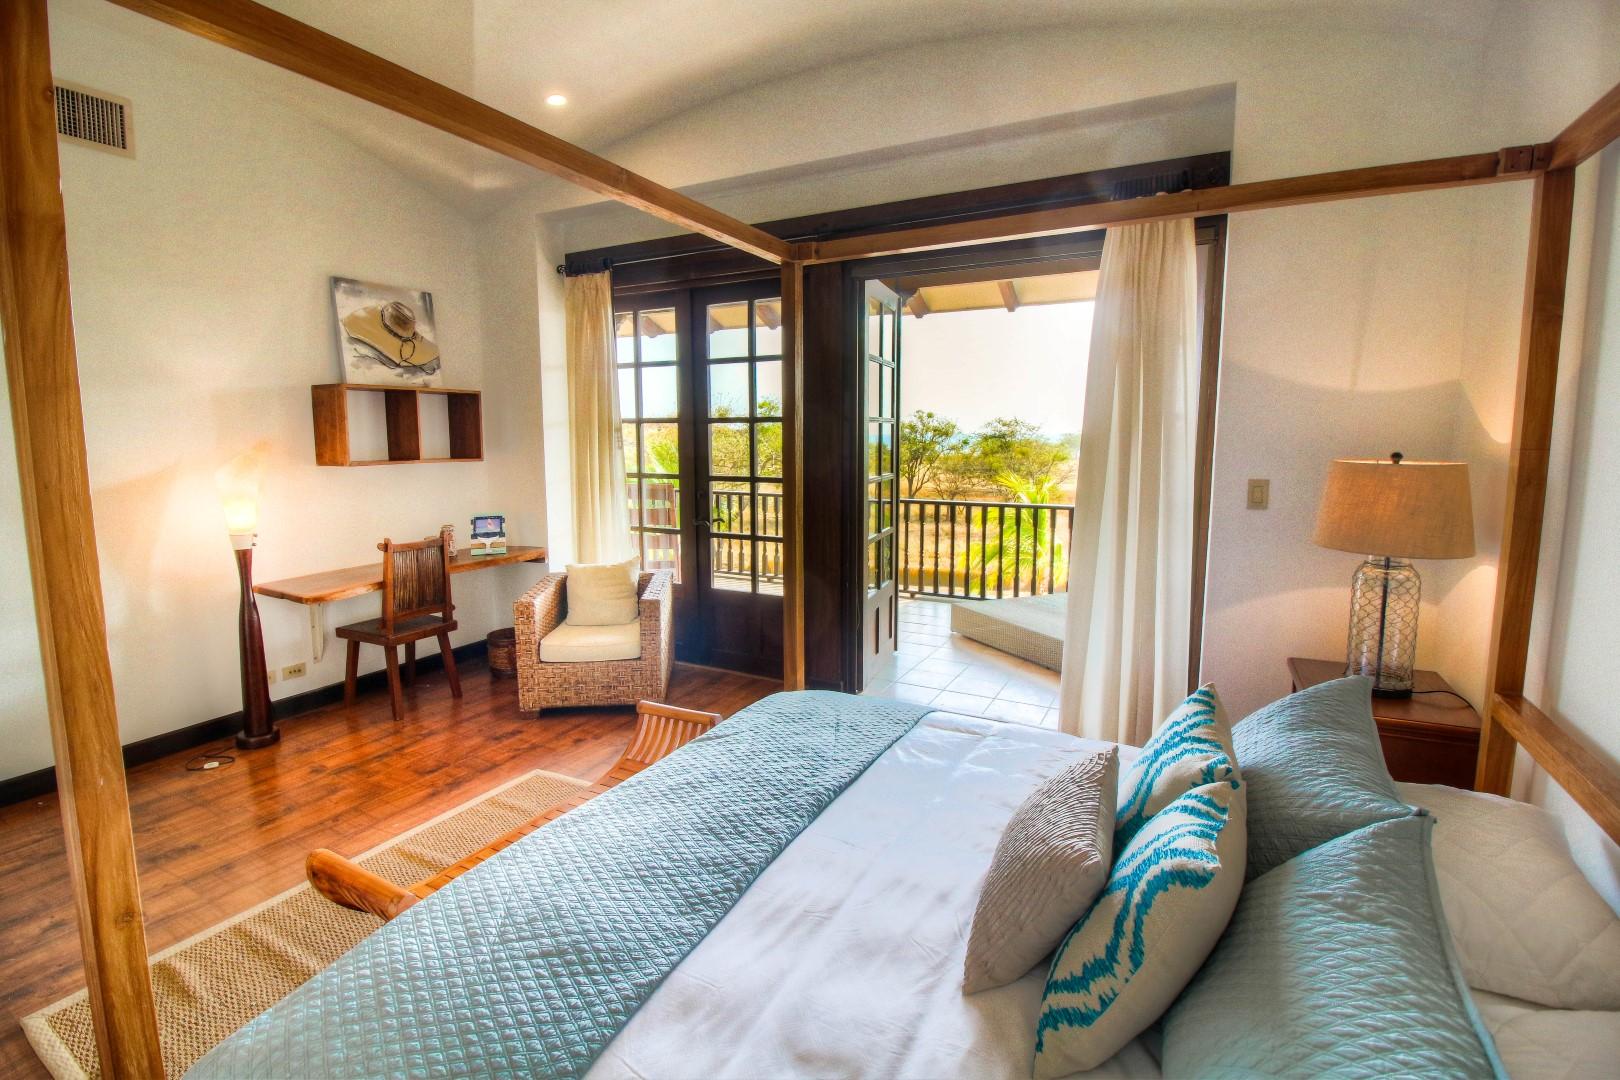 Master bedroom opens to ocean view balcony